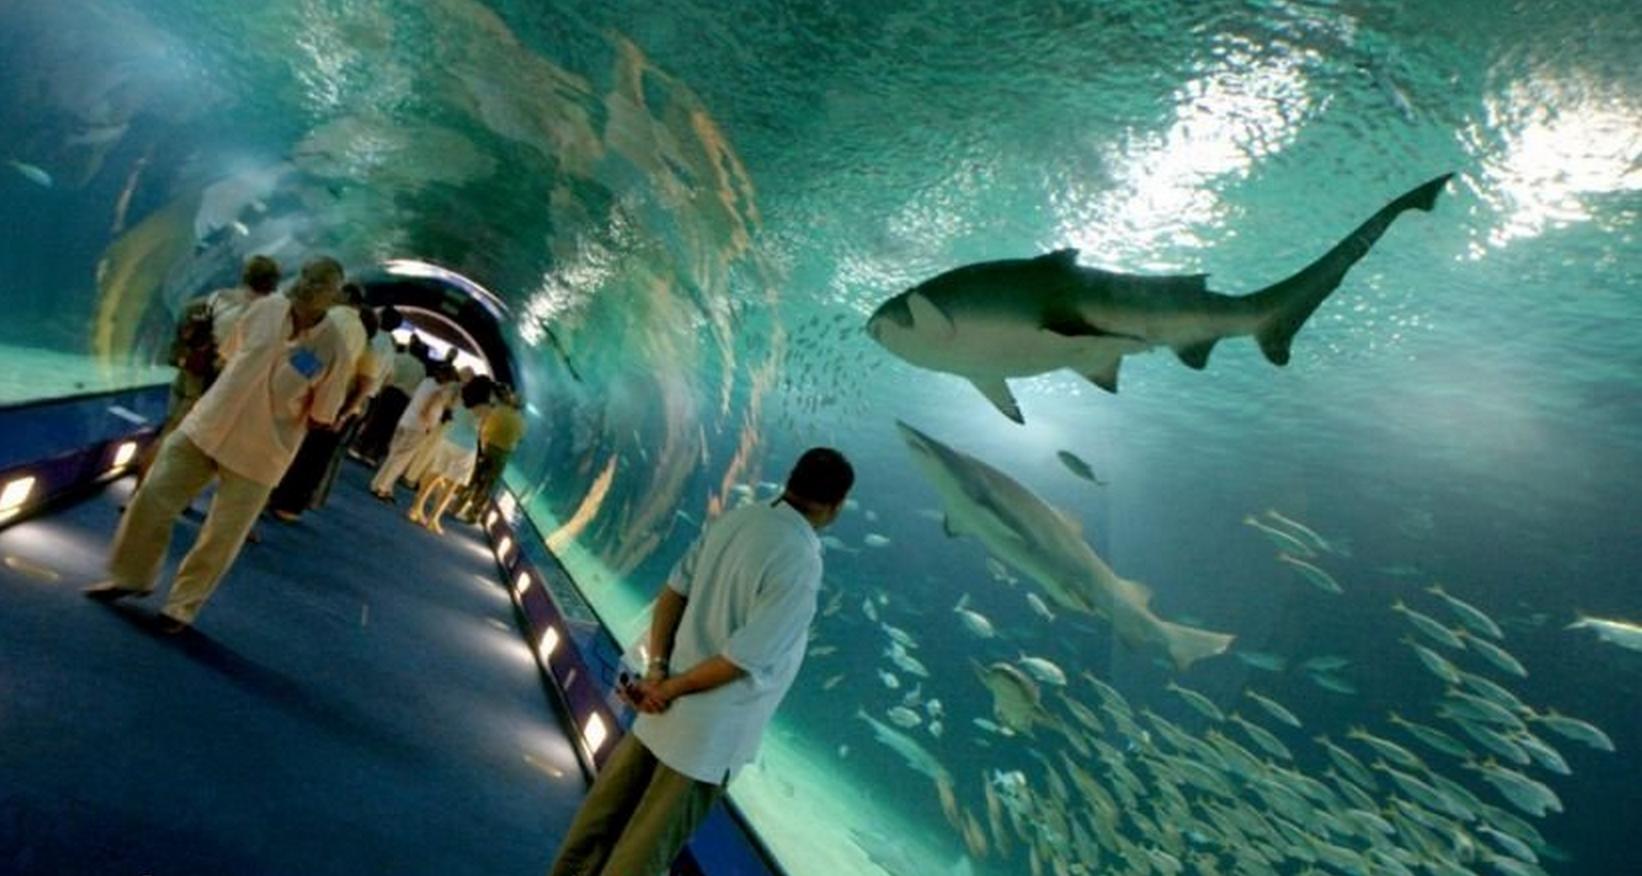 Especies de tiburones en oceanografic valencia for Precio oceanografic valencia 2016